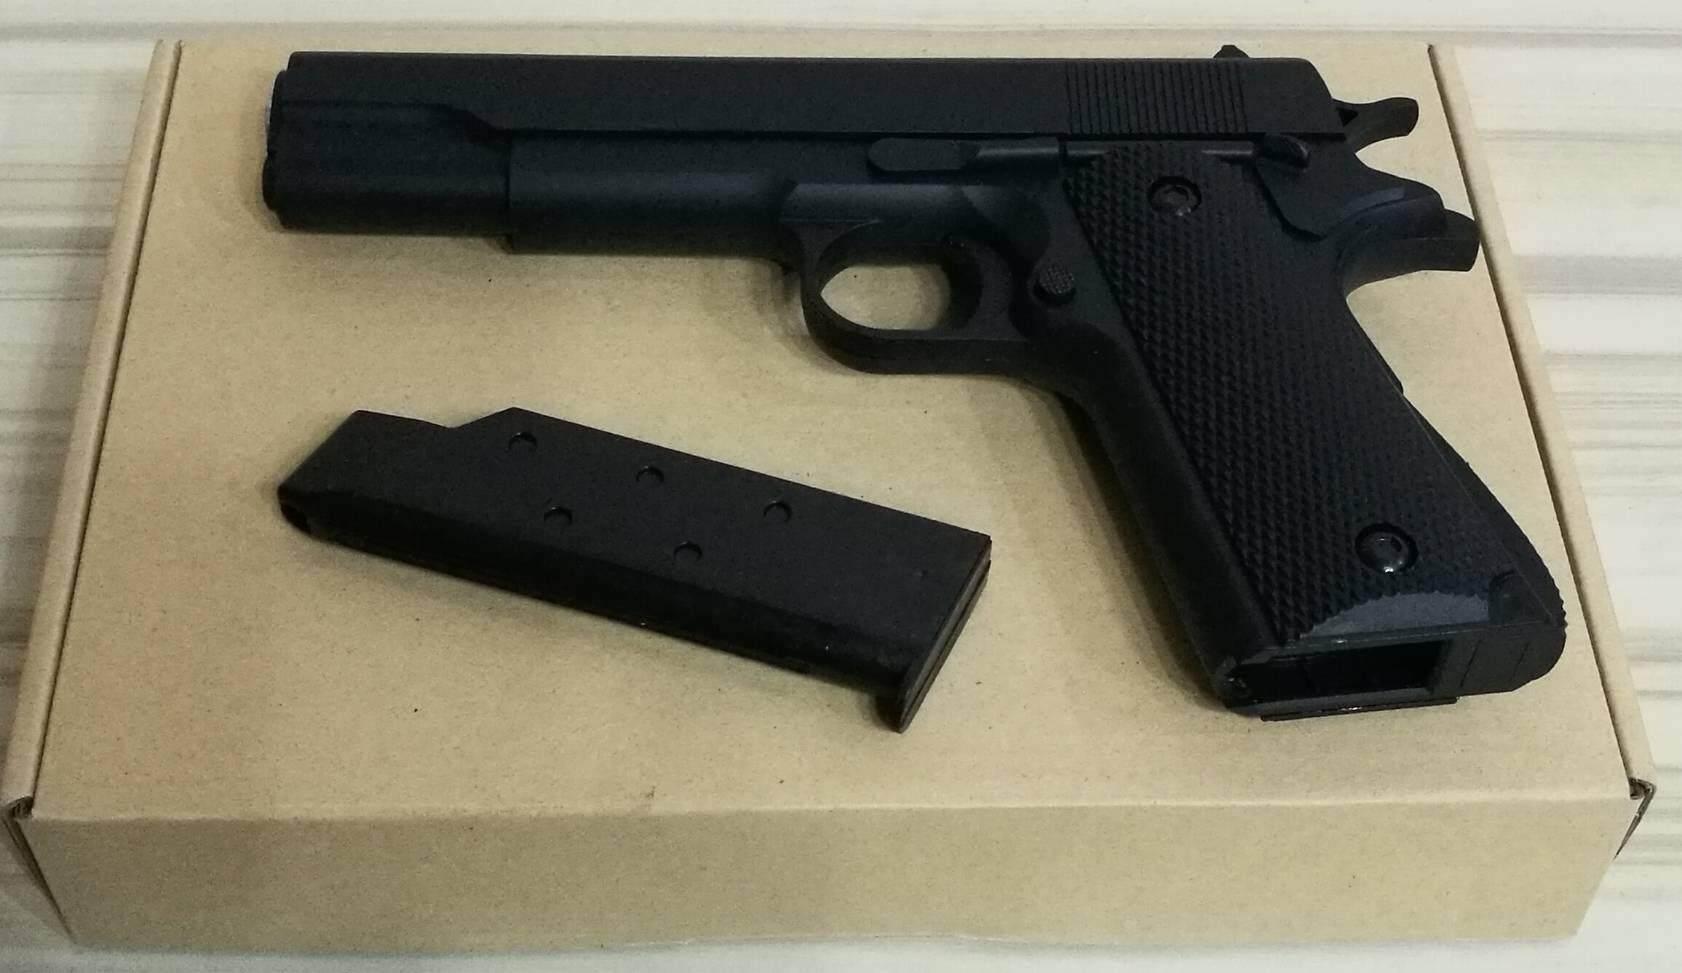 ปืนอัดลม Gun 1911a3 แอร์ซอฟ พร้อมลูก Bb By Power Gun.